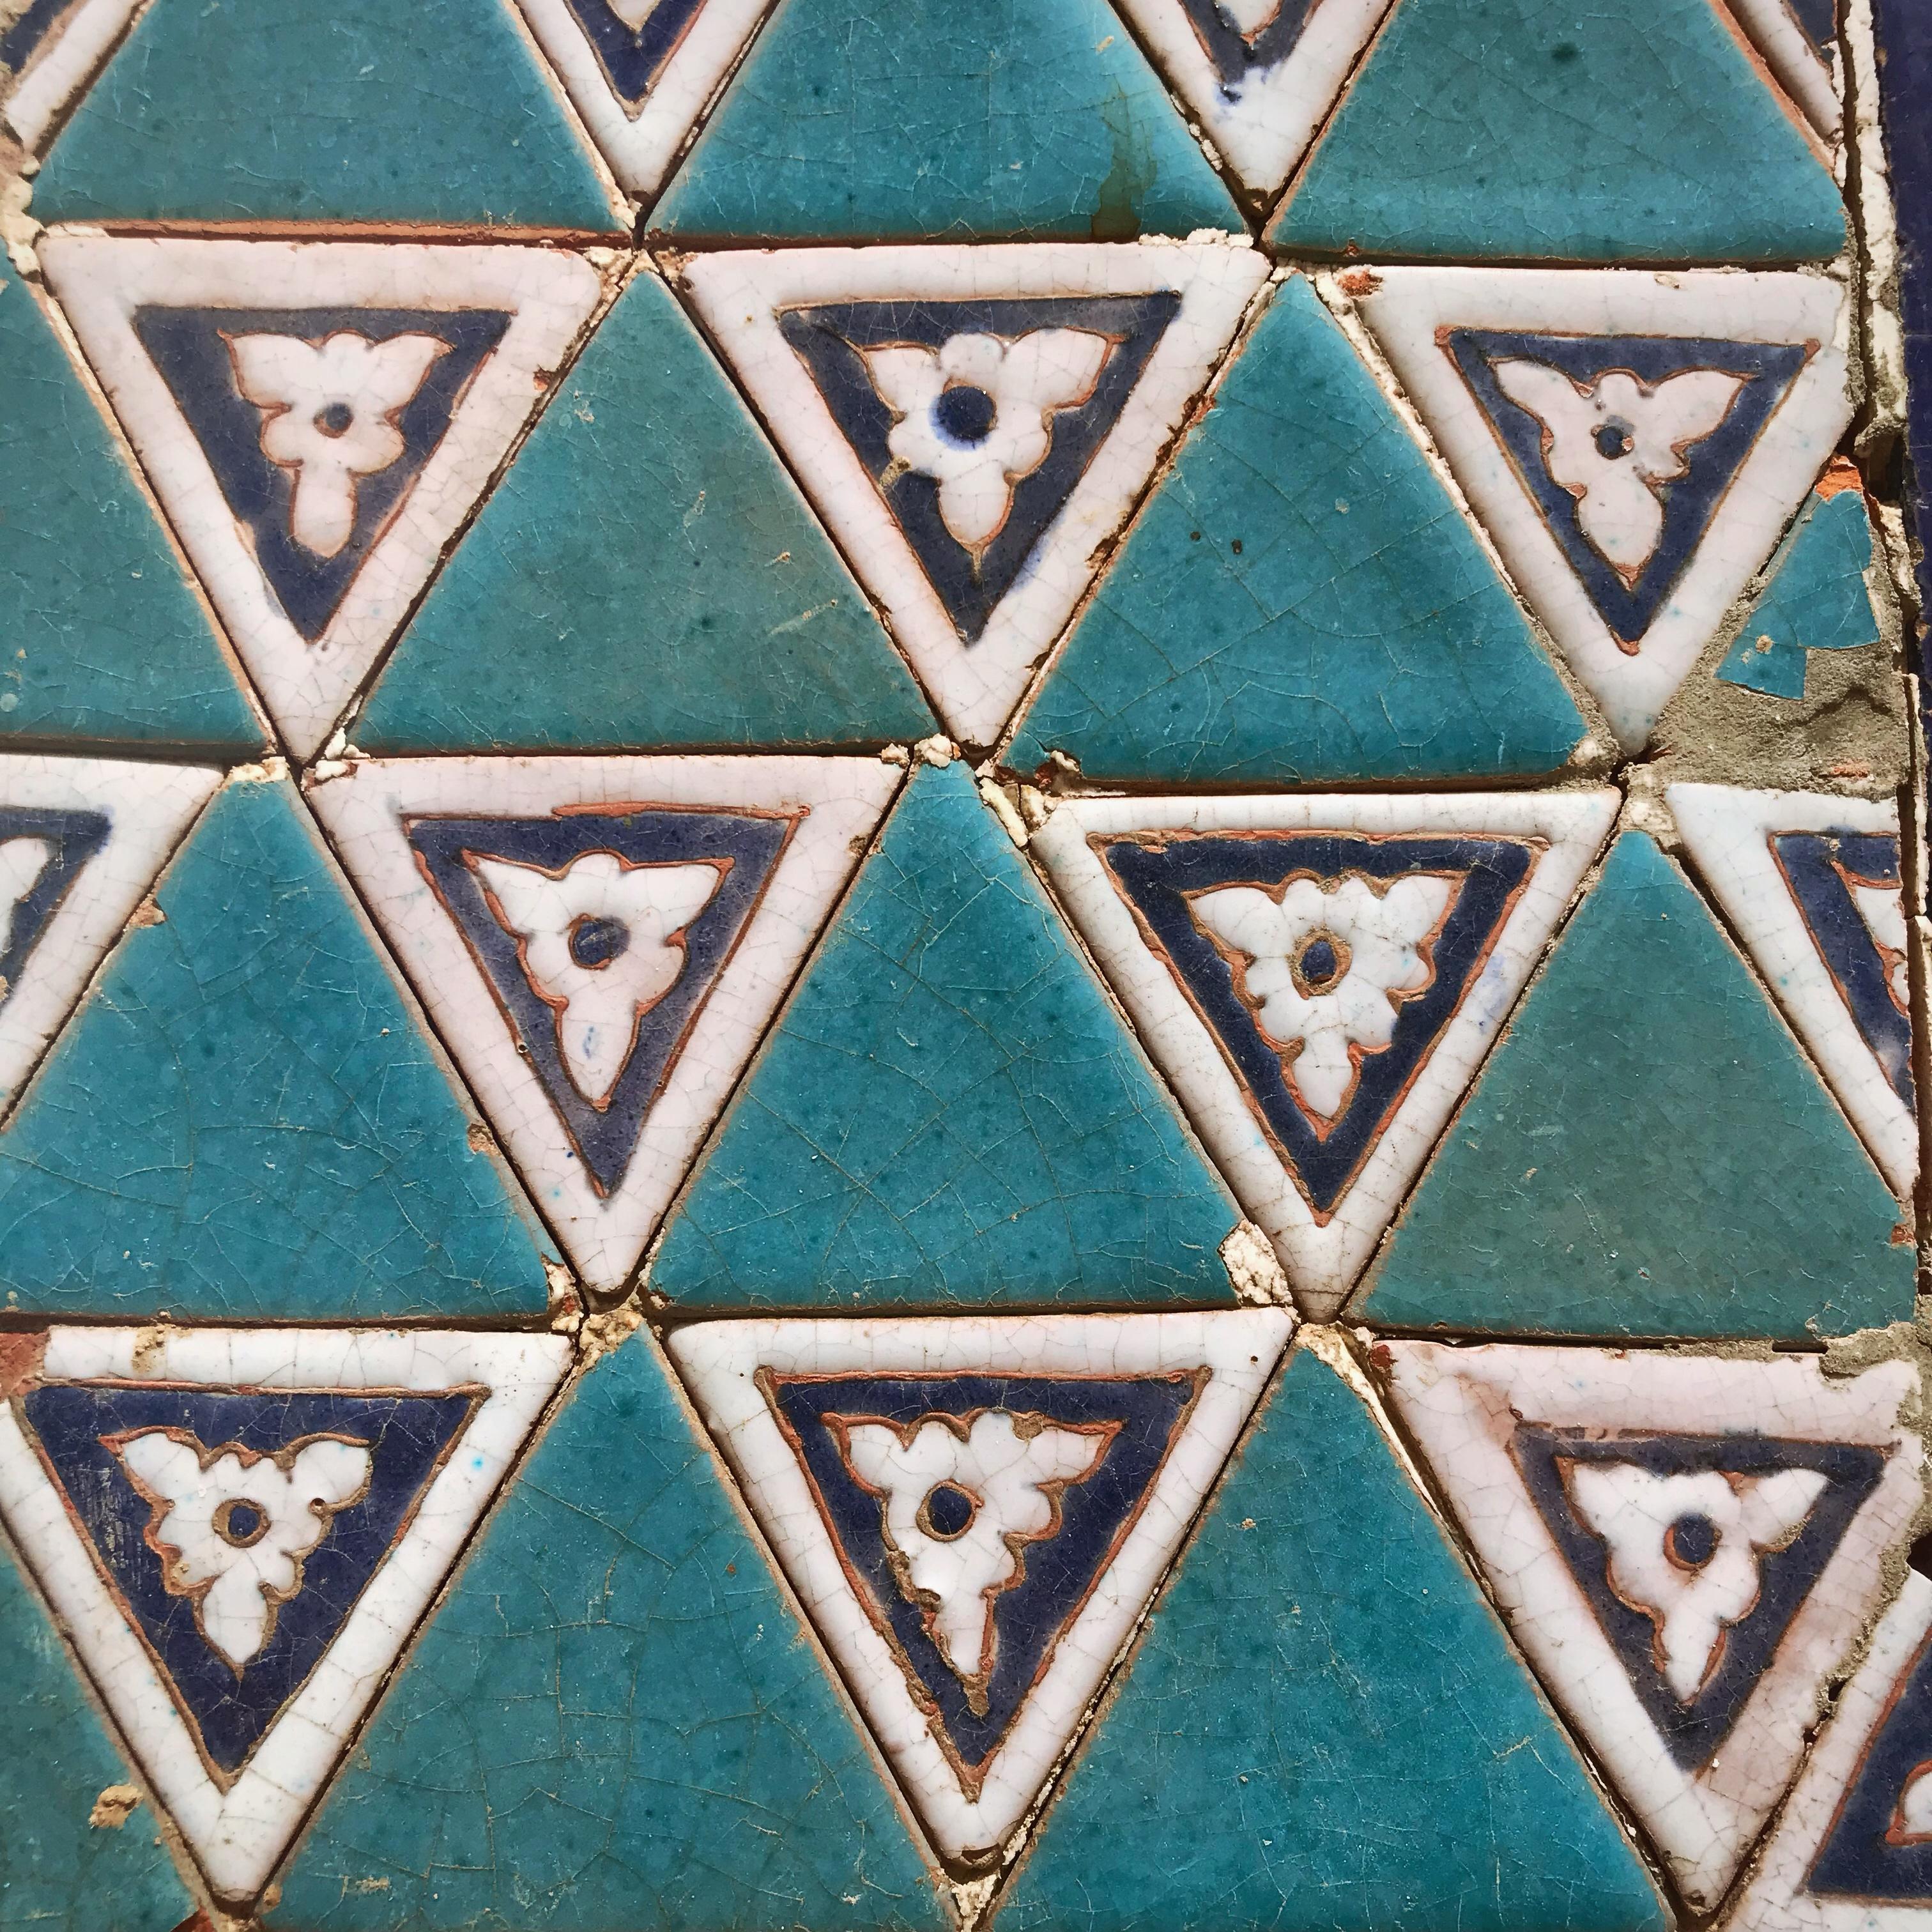 Usbekistan kscheib Kachel 9